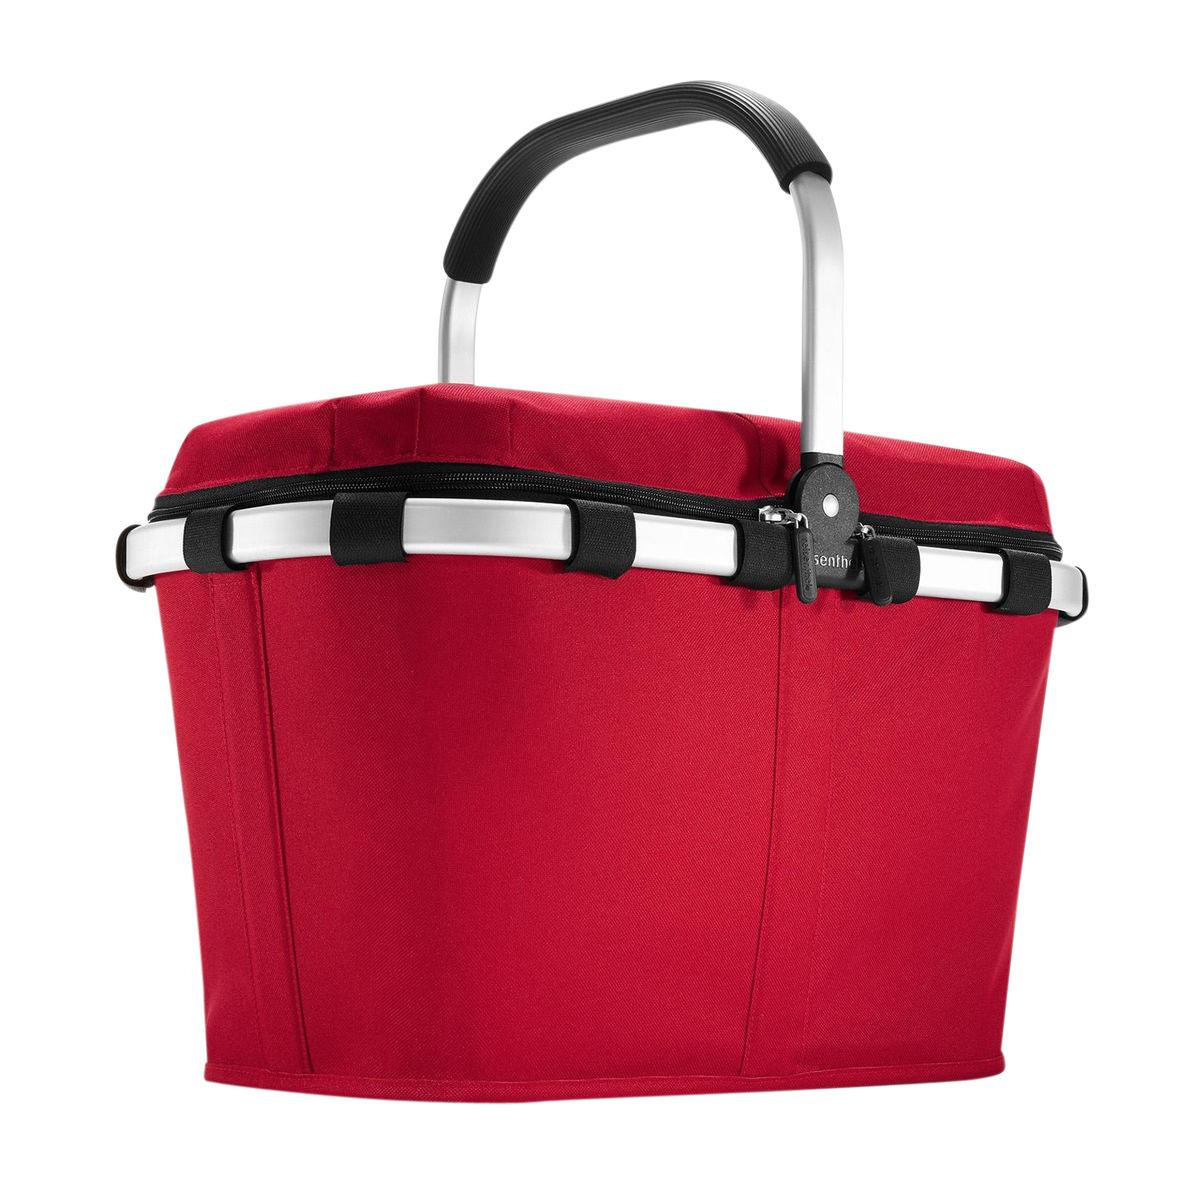 reisenthel carrybag iso cool bag reisenthel. Black Bedroom Furniture Sets. Home Design Ideas